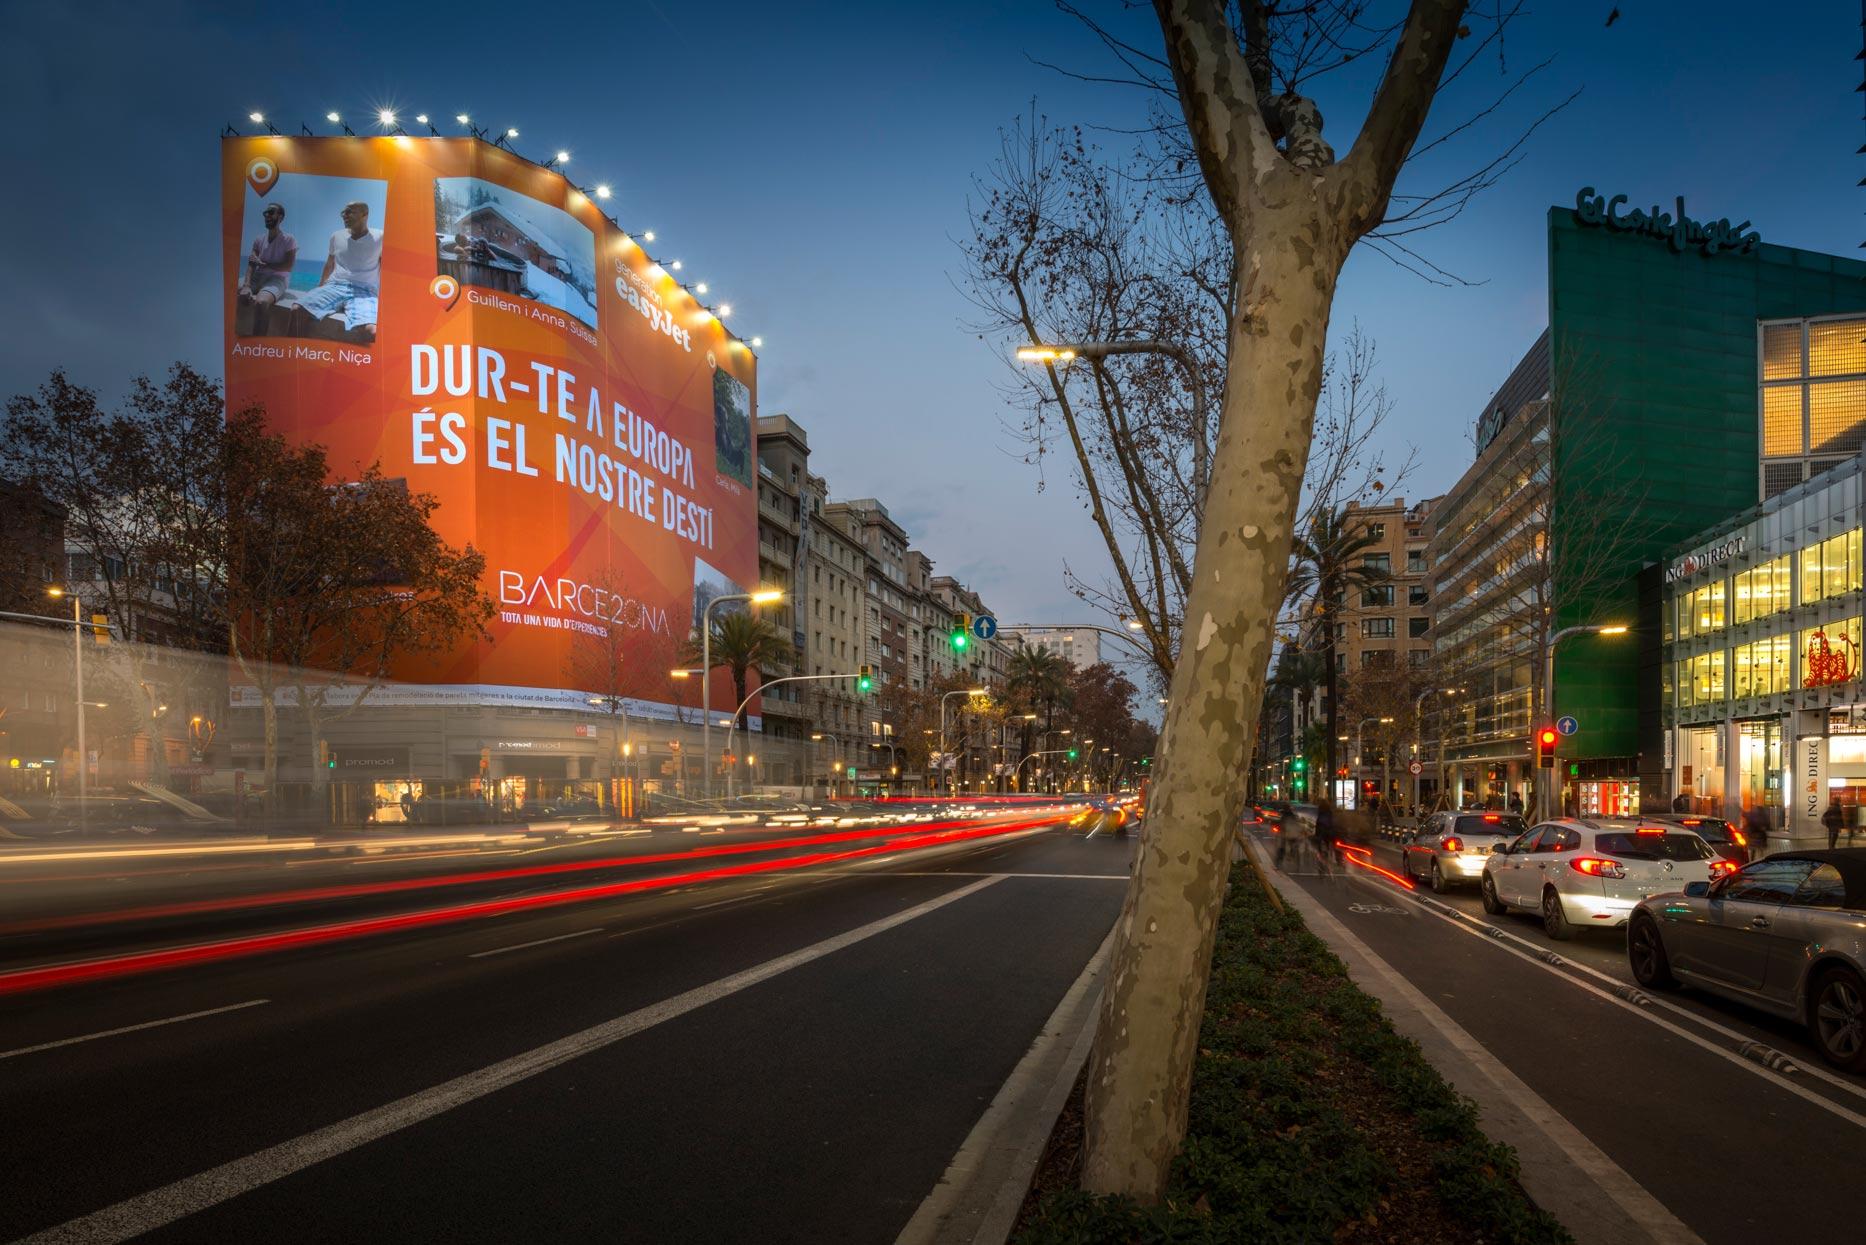 lona-publicitaria-barcelona-avenida-diagonal-598-easyjet-panoramica-vsa-comunicacion